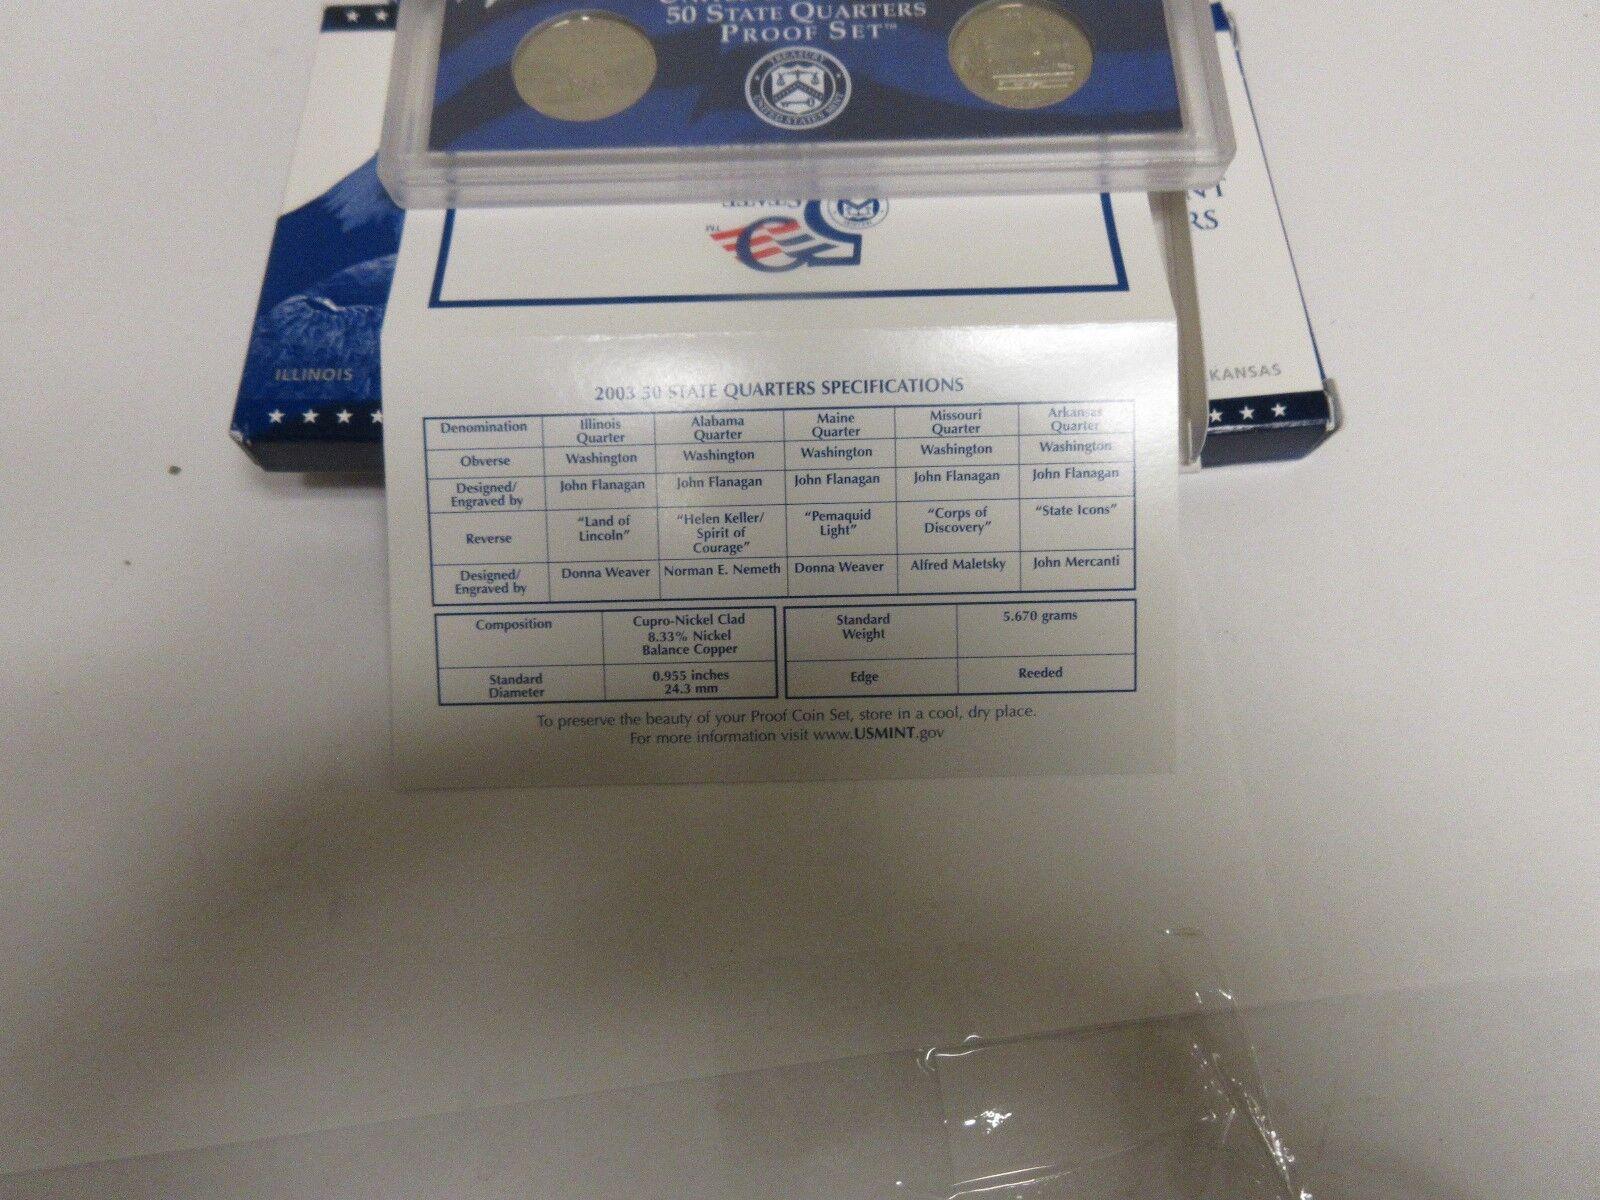 2003 U.S.A. Mint , 50 State Quarter Proof Set , Lot of